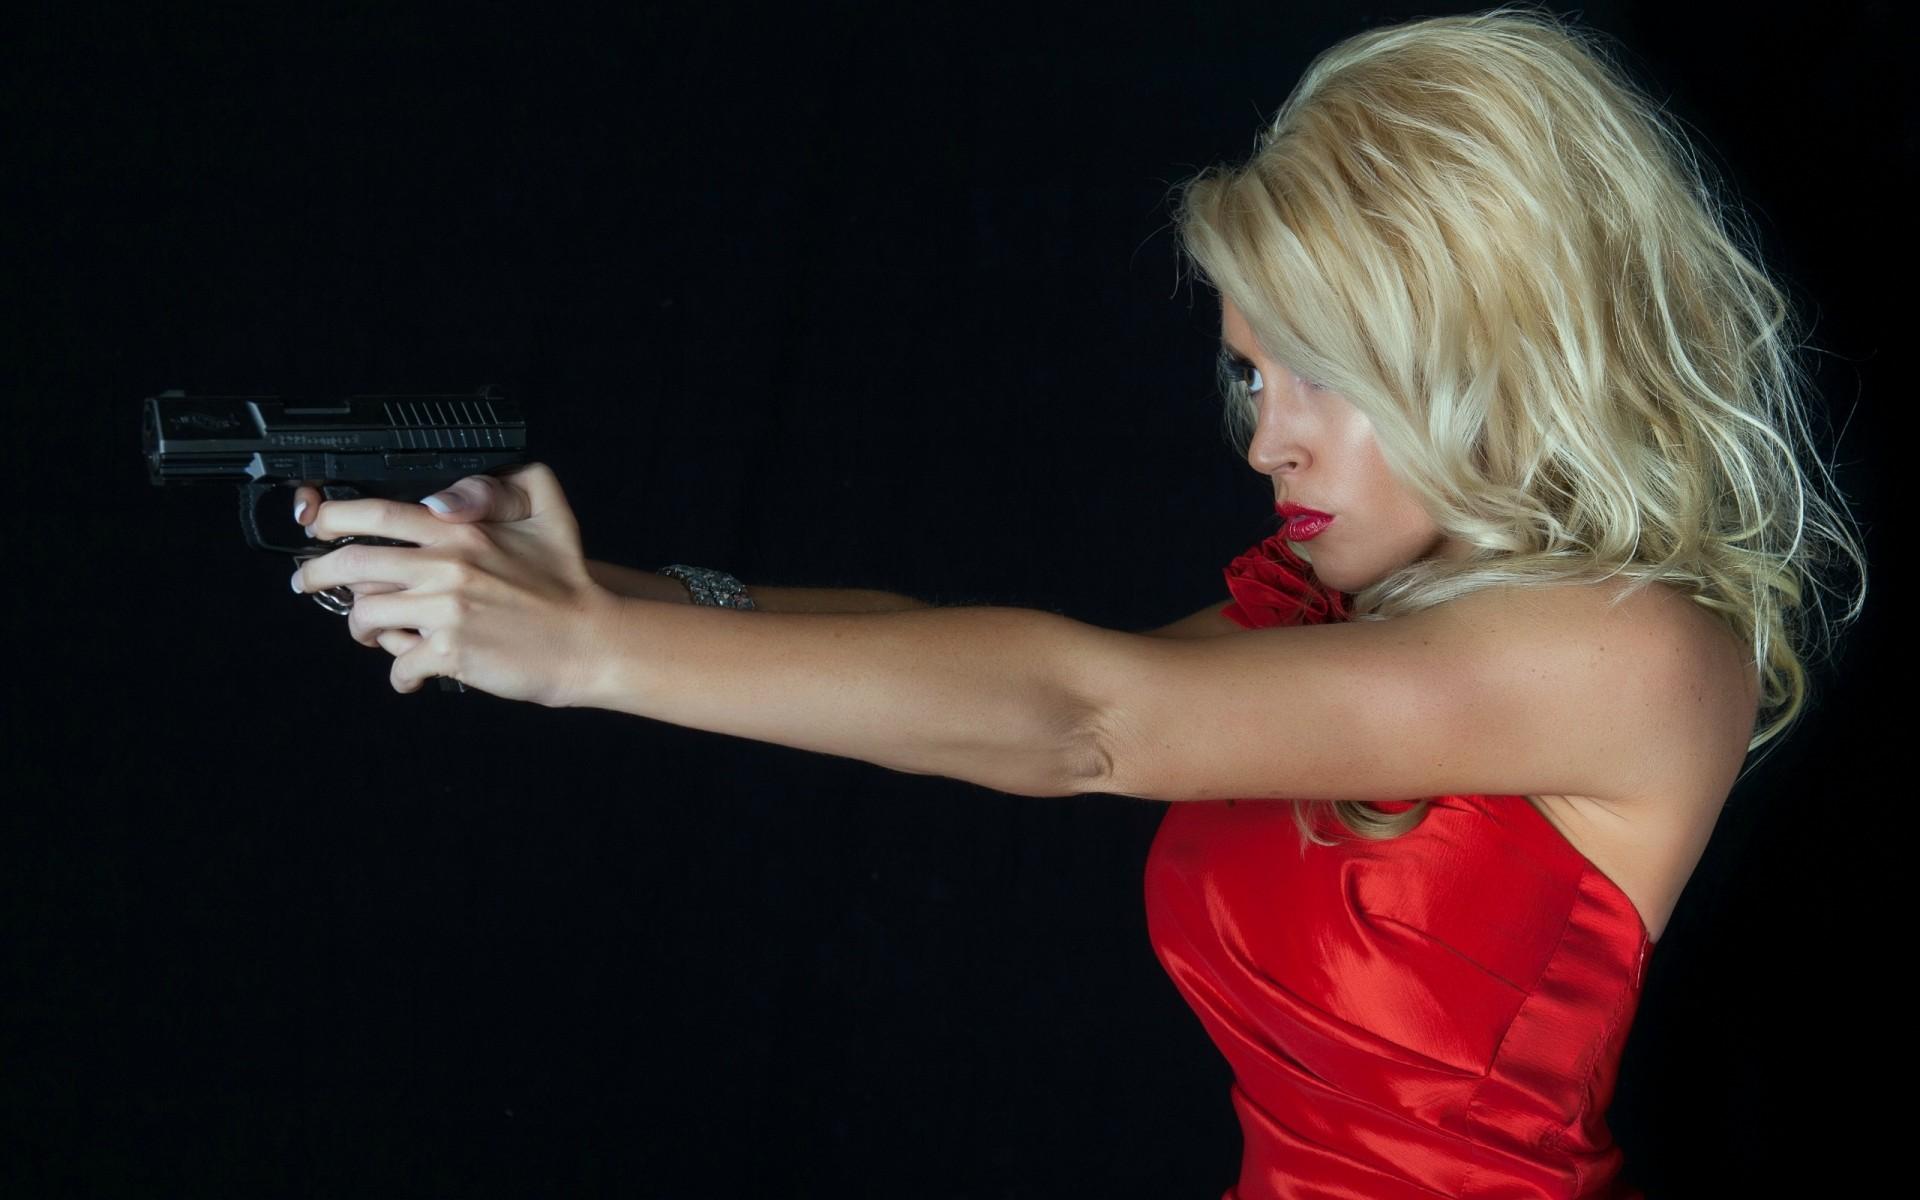 Una rubia y pistola - 1920x1200